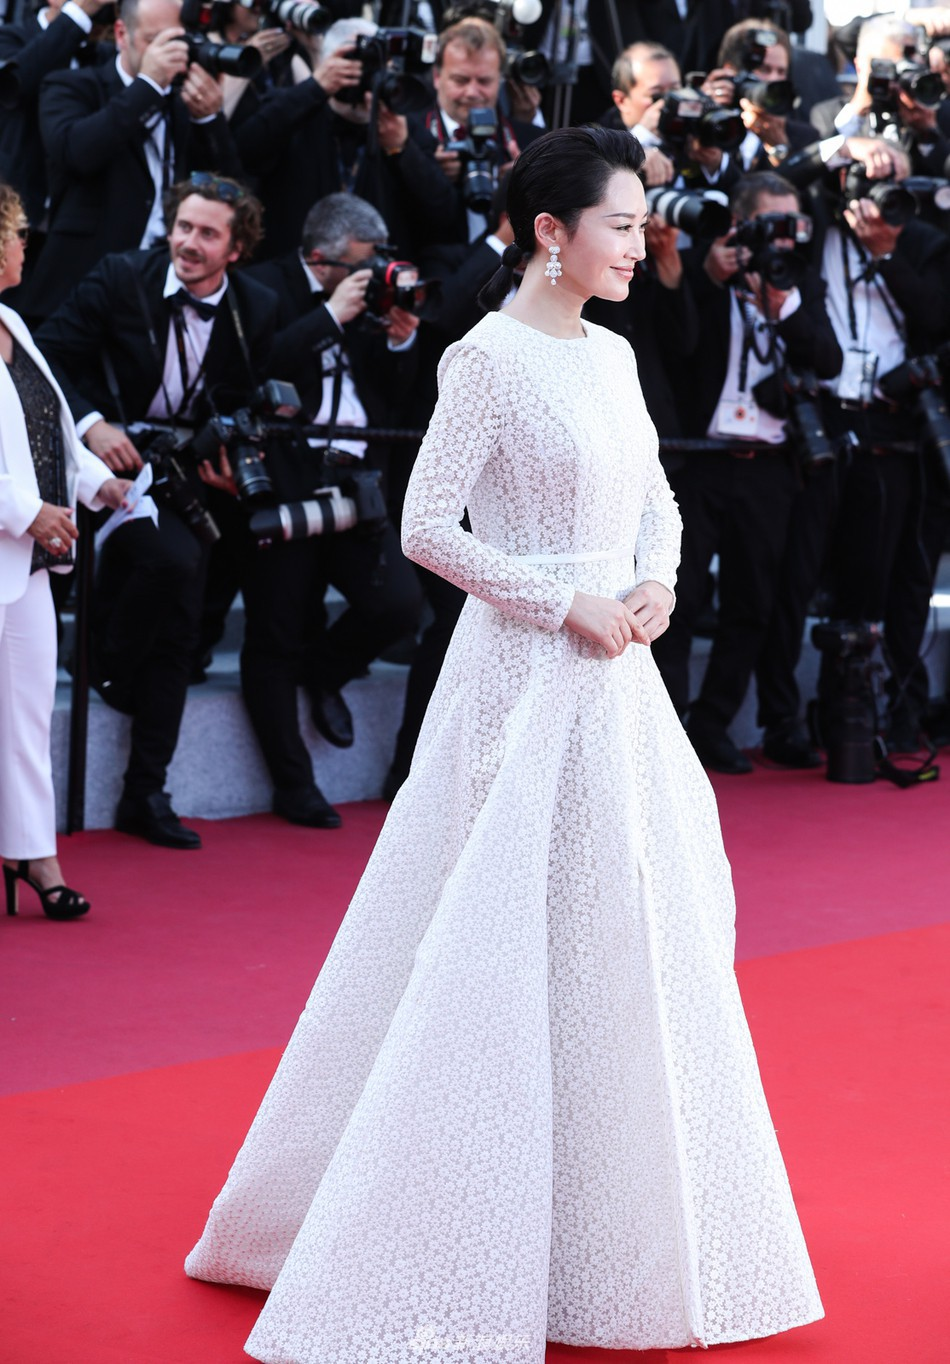 Chương Tử Di lại hút ống kính bằng vẻ đẹp không tì vết nhưng một người đẹp 50 tuổi khác cũng gây chú ý không kém trong ngày bế mạc Cannes - Ảnh 4.